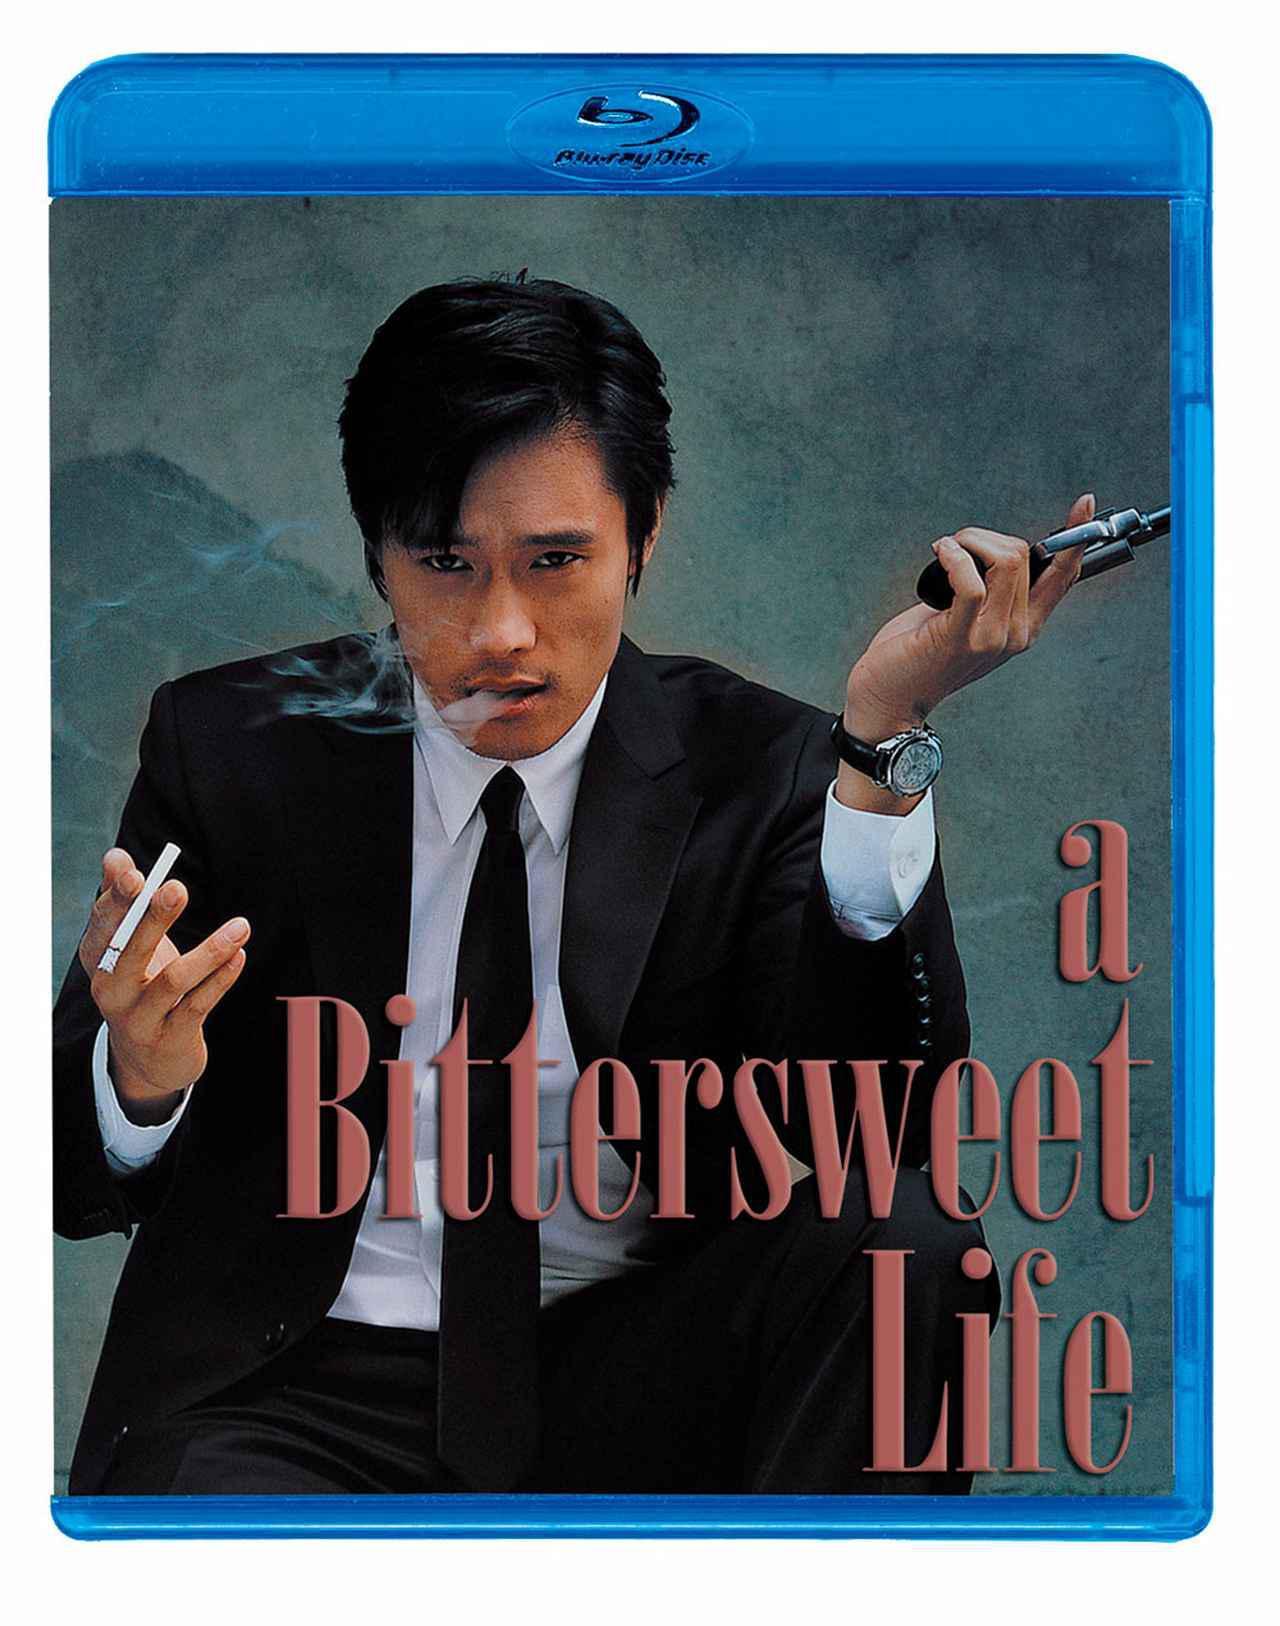 画像: 『甘い人生』/ [Blu-ray] 5,280円(税込)/発売元:ポニーキャニオン・角川映画/販売元:ポニーキャニオン ©2005 CJ ENTERTAINMENT INC. ALL RIGHT RESERVED.